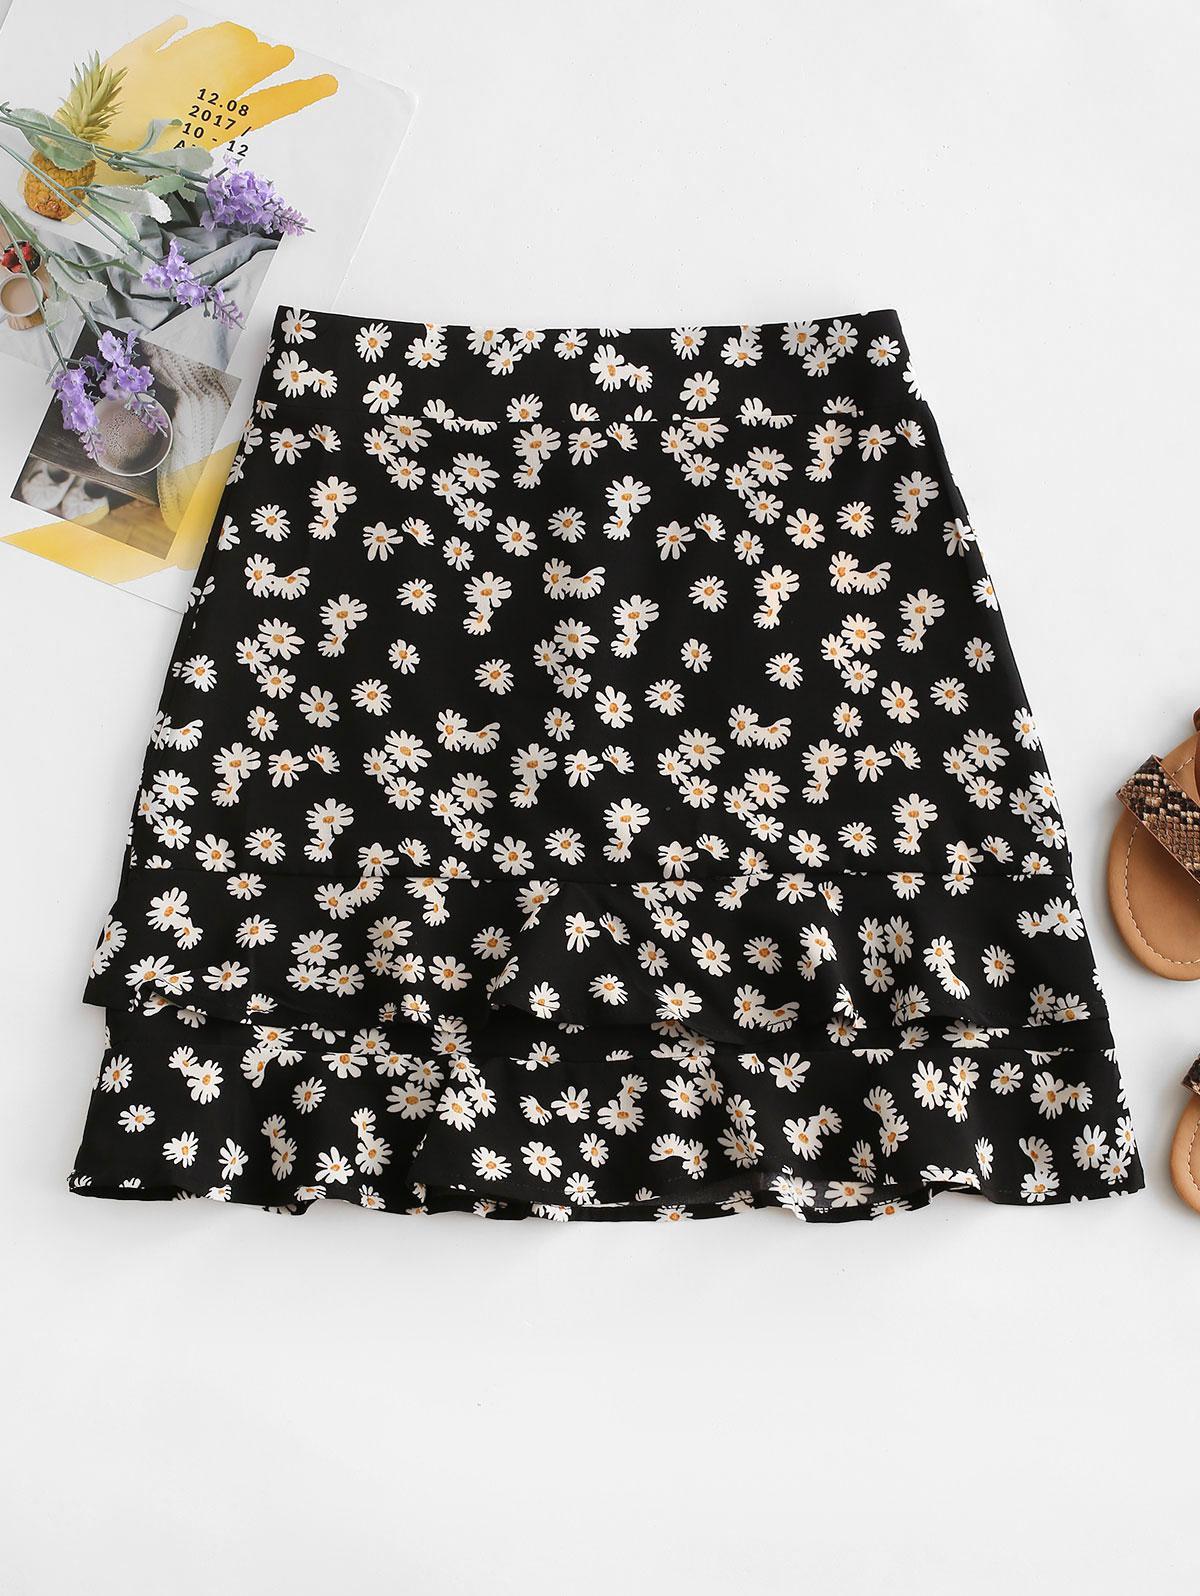 Daisy Print Tiered Flounce Skirt